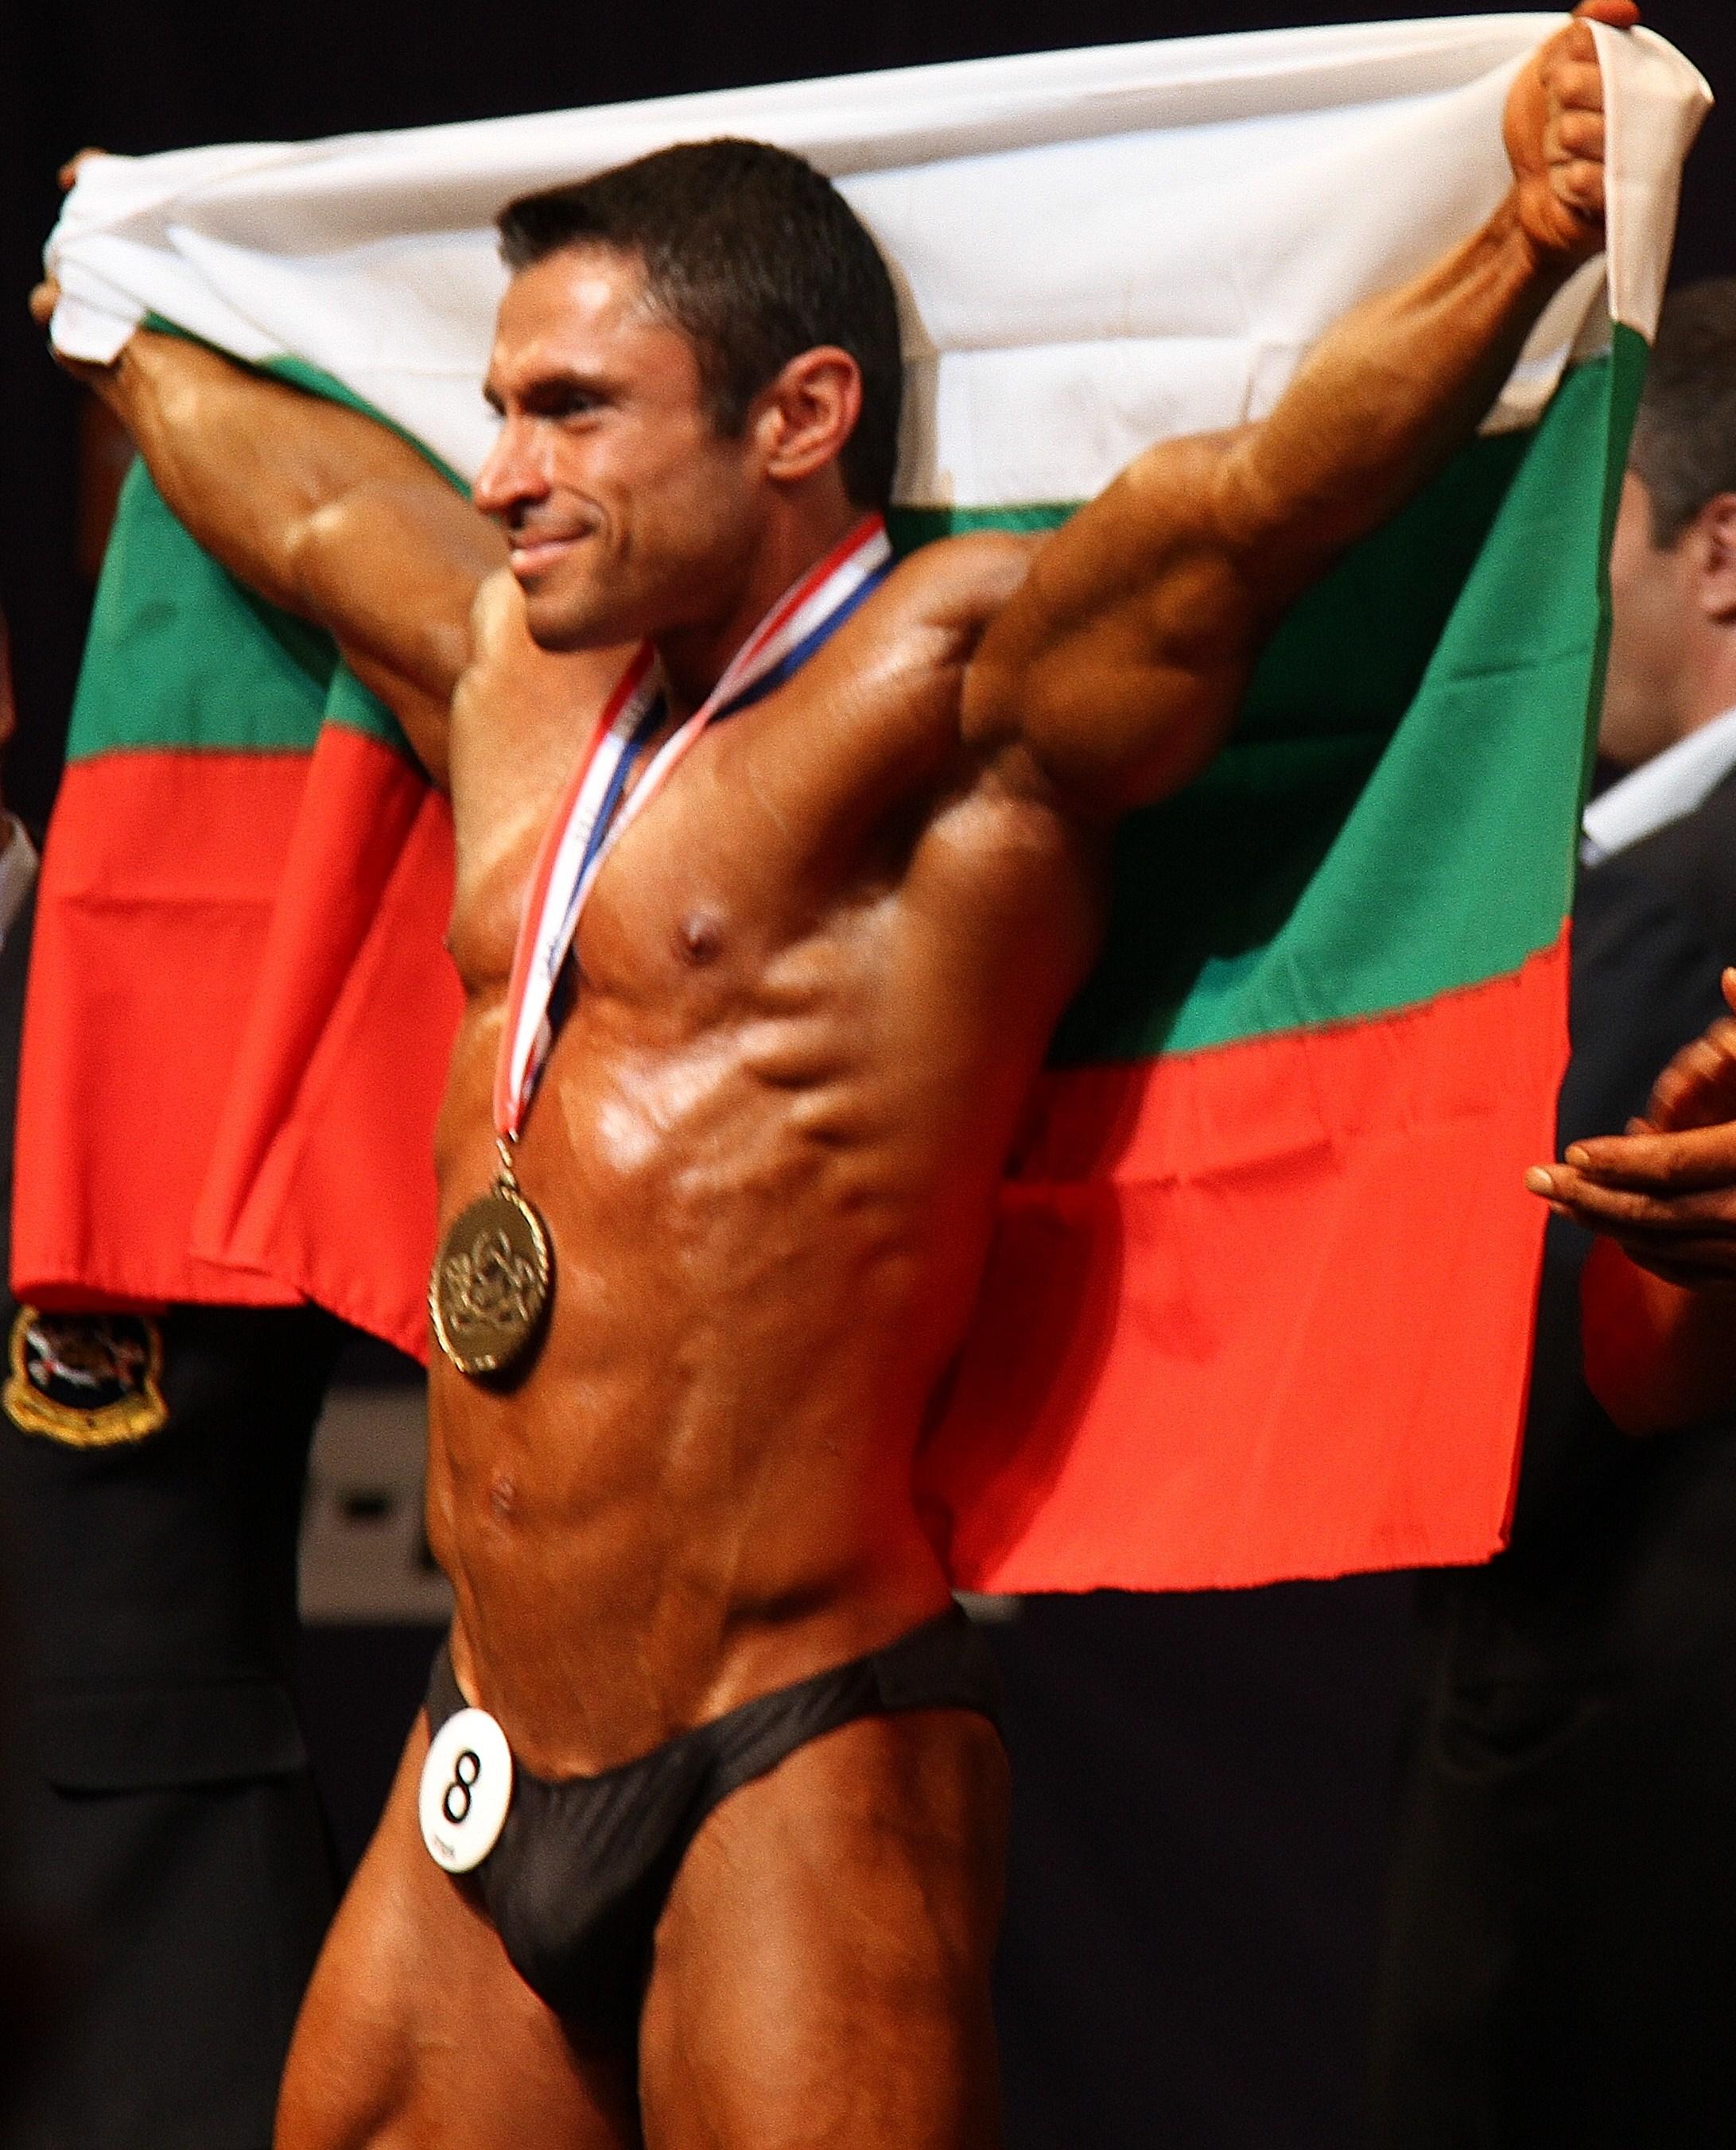 България има европейски шампион по културизъм